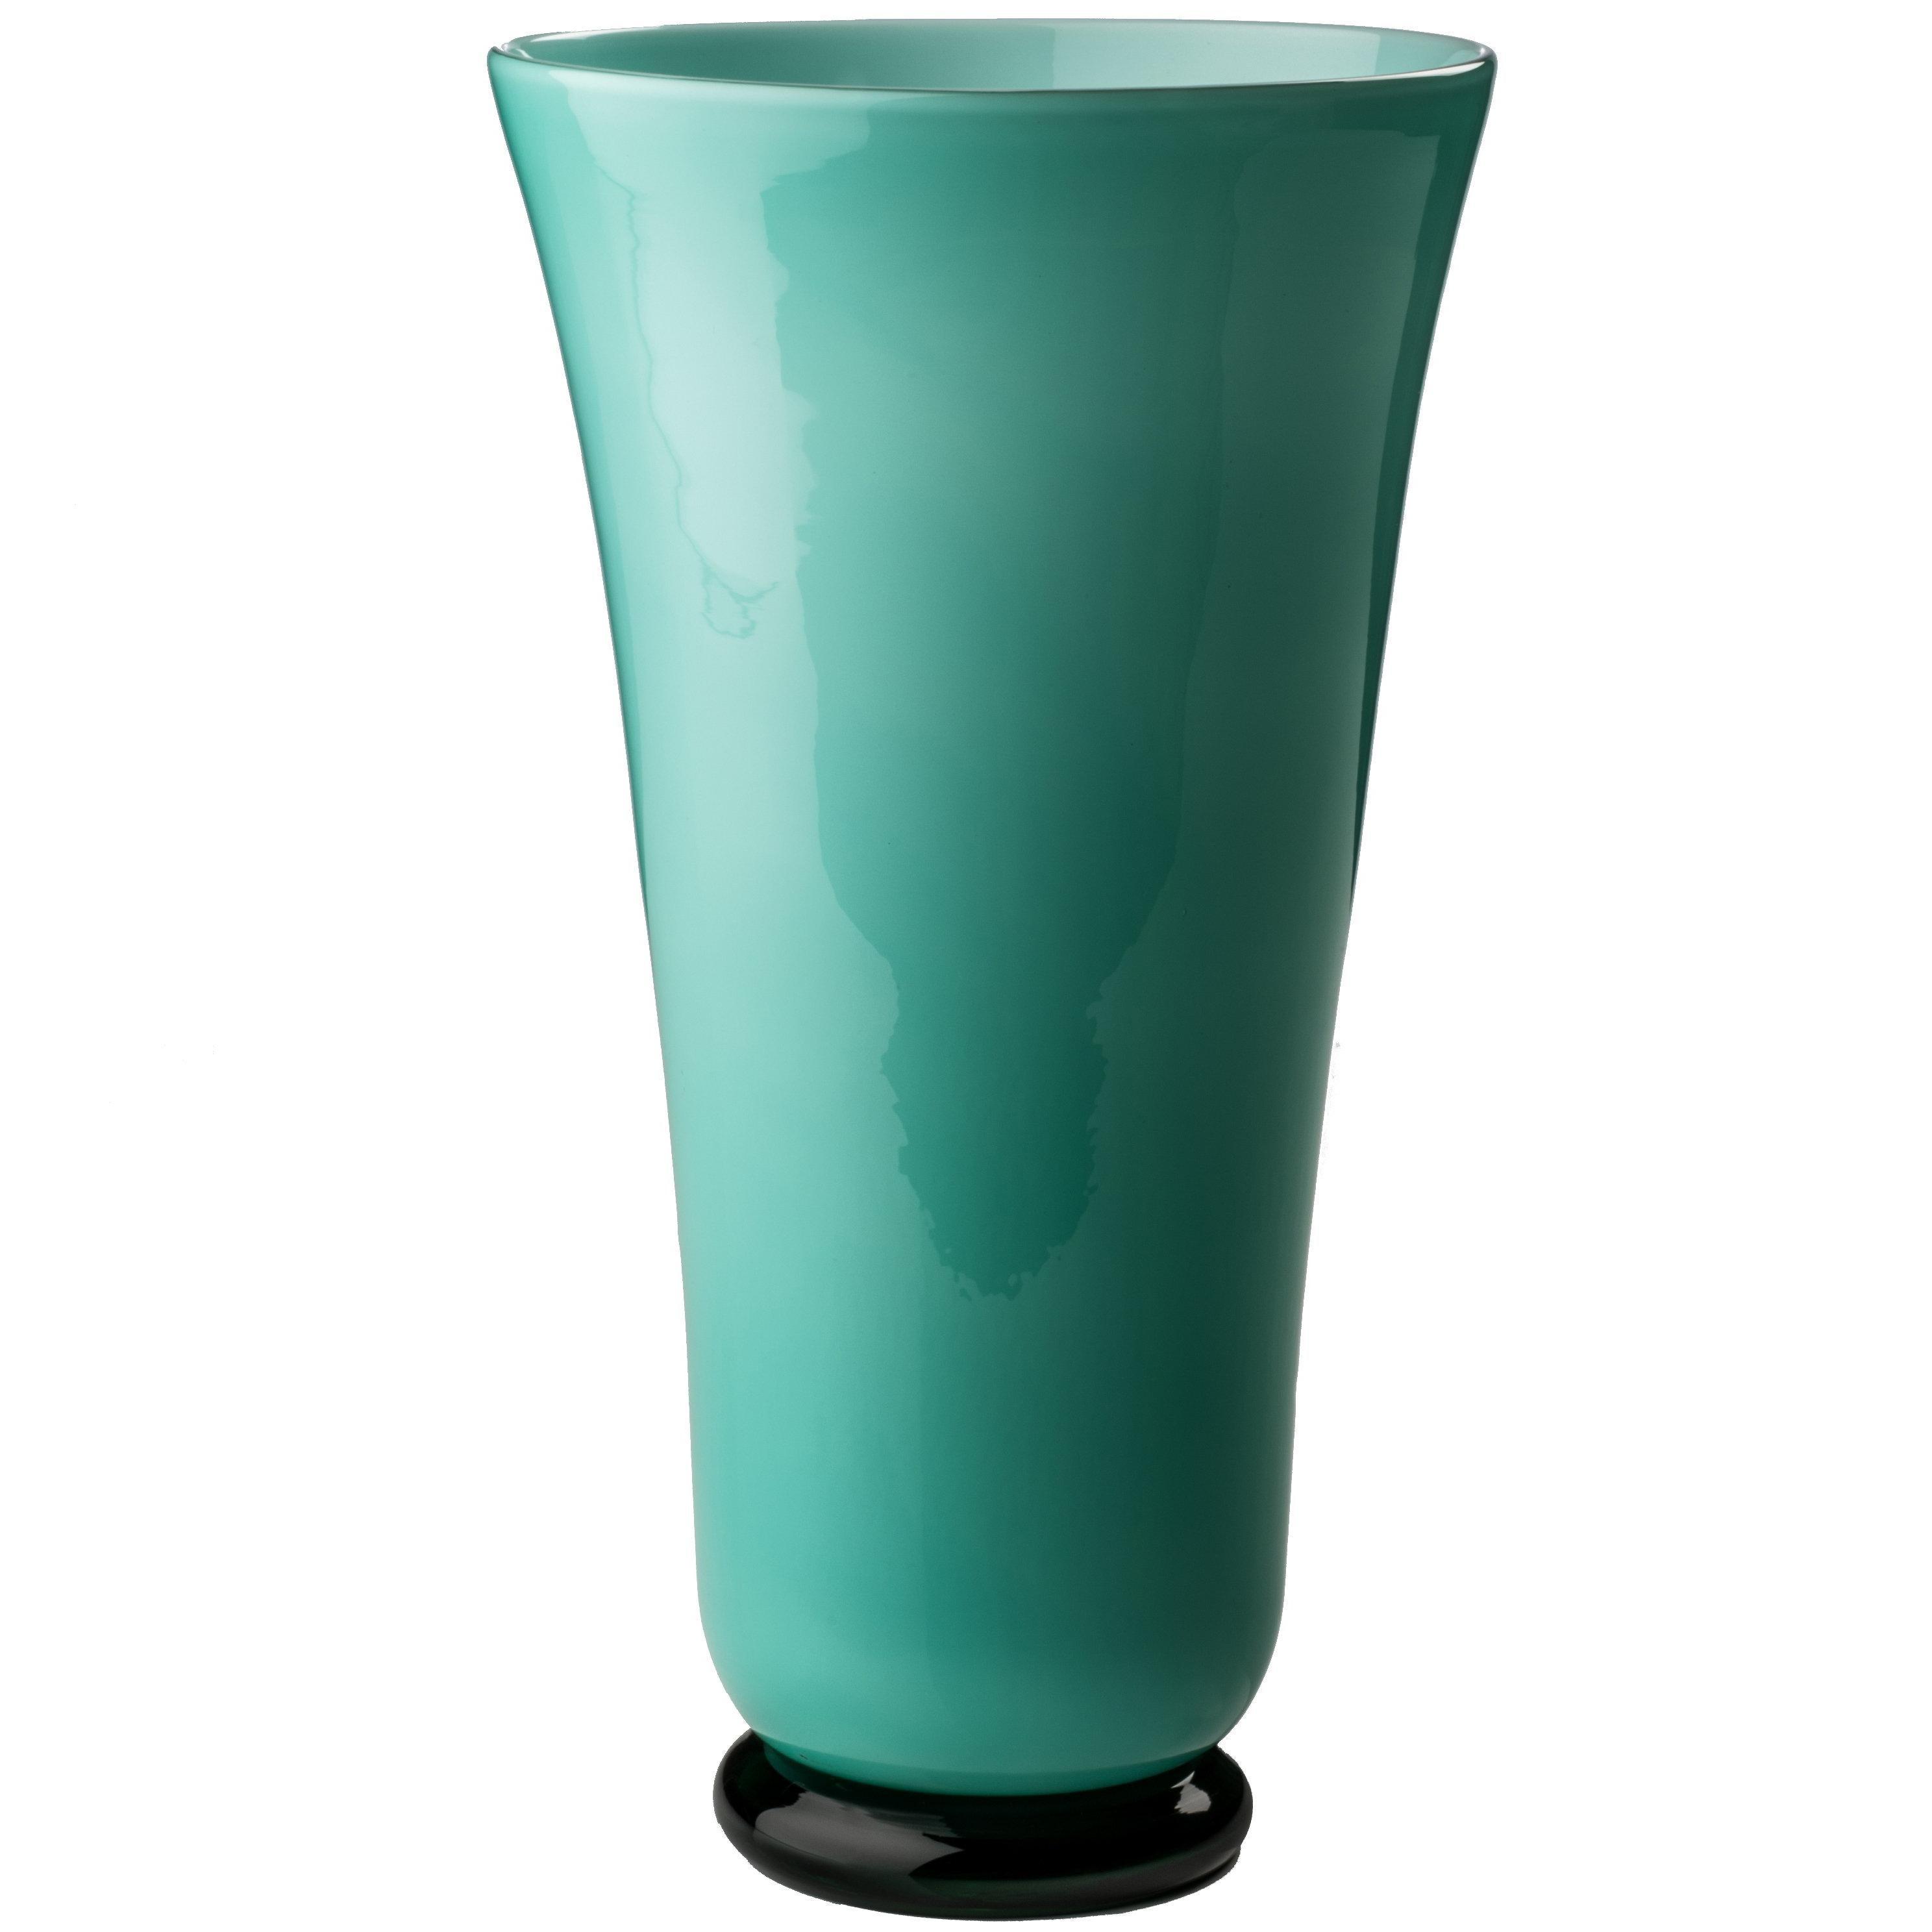 Anni Trenta Tall Glass Bowl in Mint Green by Venini